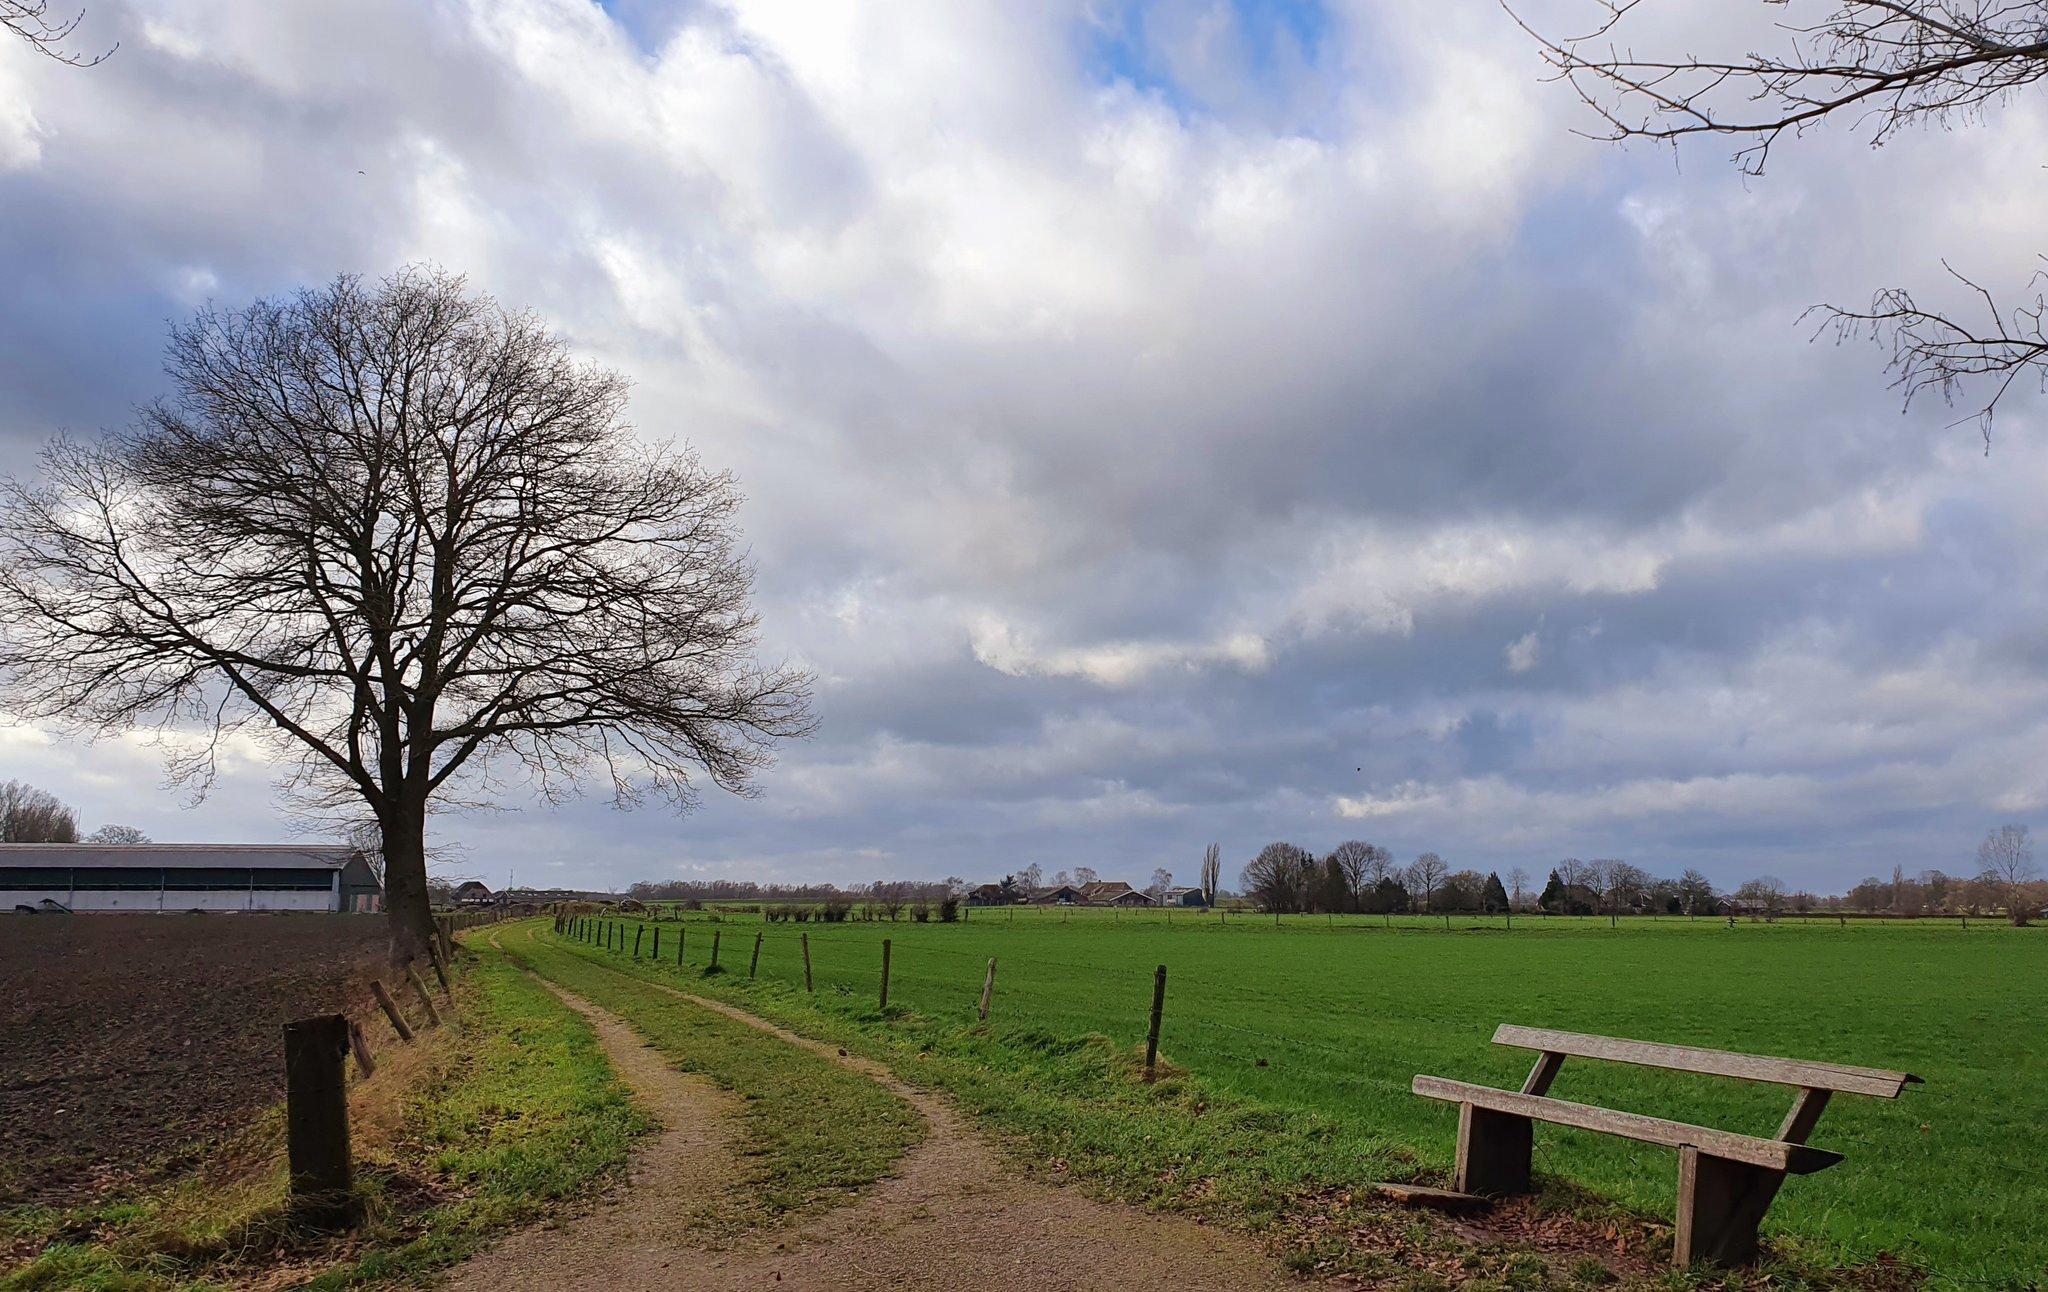 rt-tragetochten-randerpad-diepenveen-wandelbankjes-https-t-co-no8wt1lilt